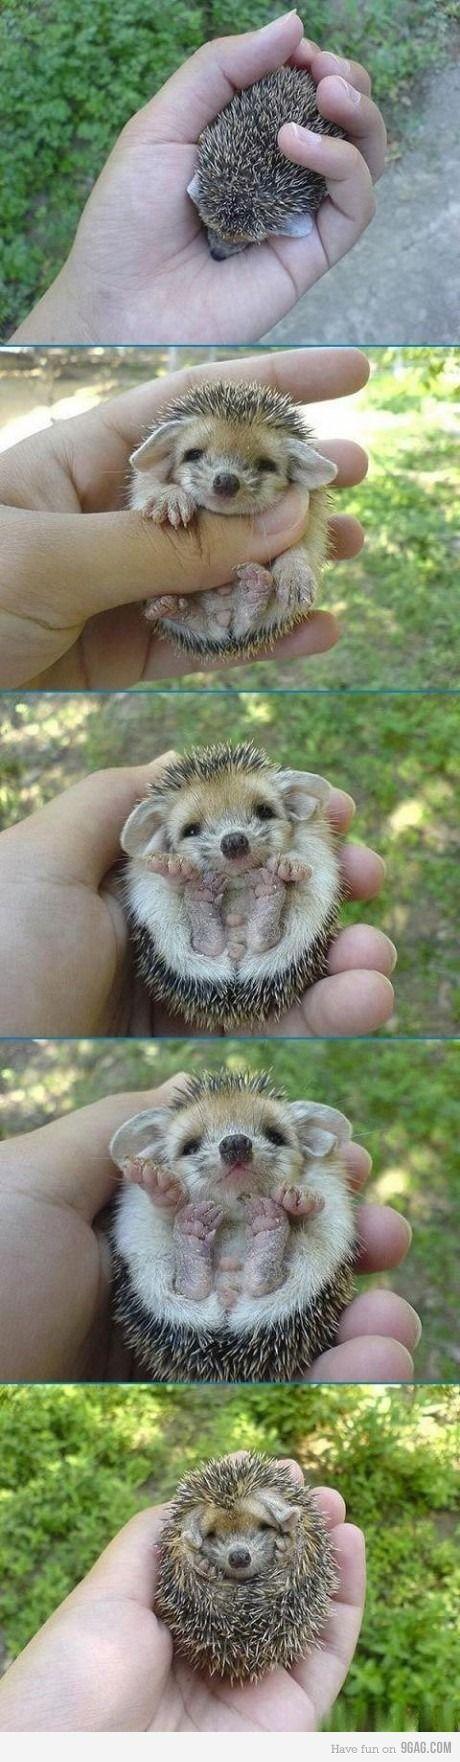 Quero um também!